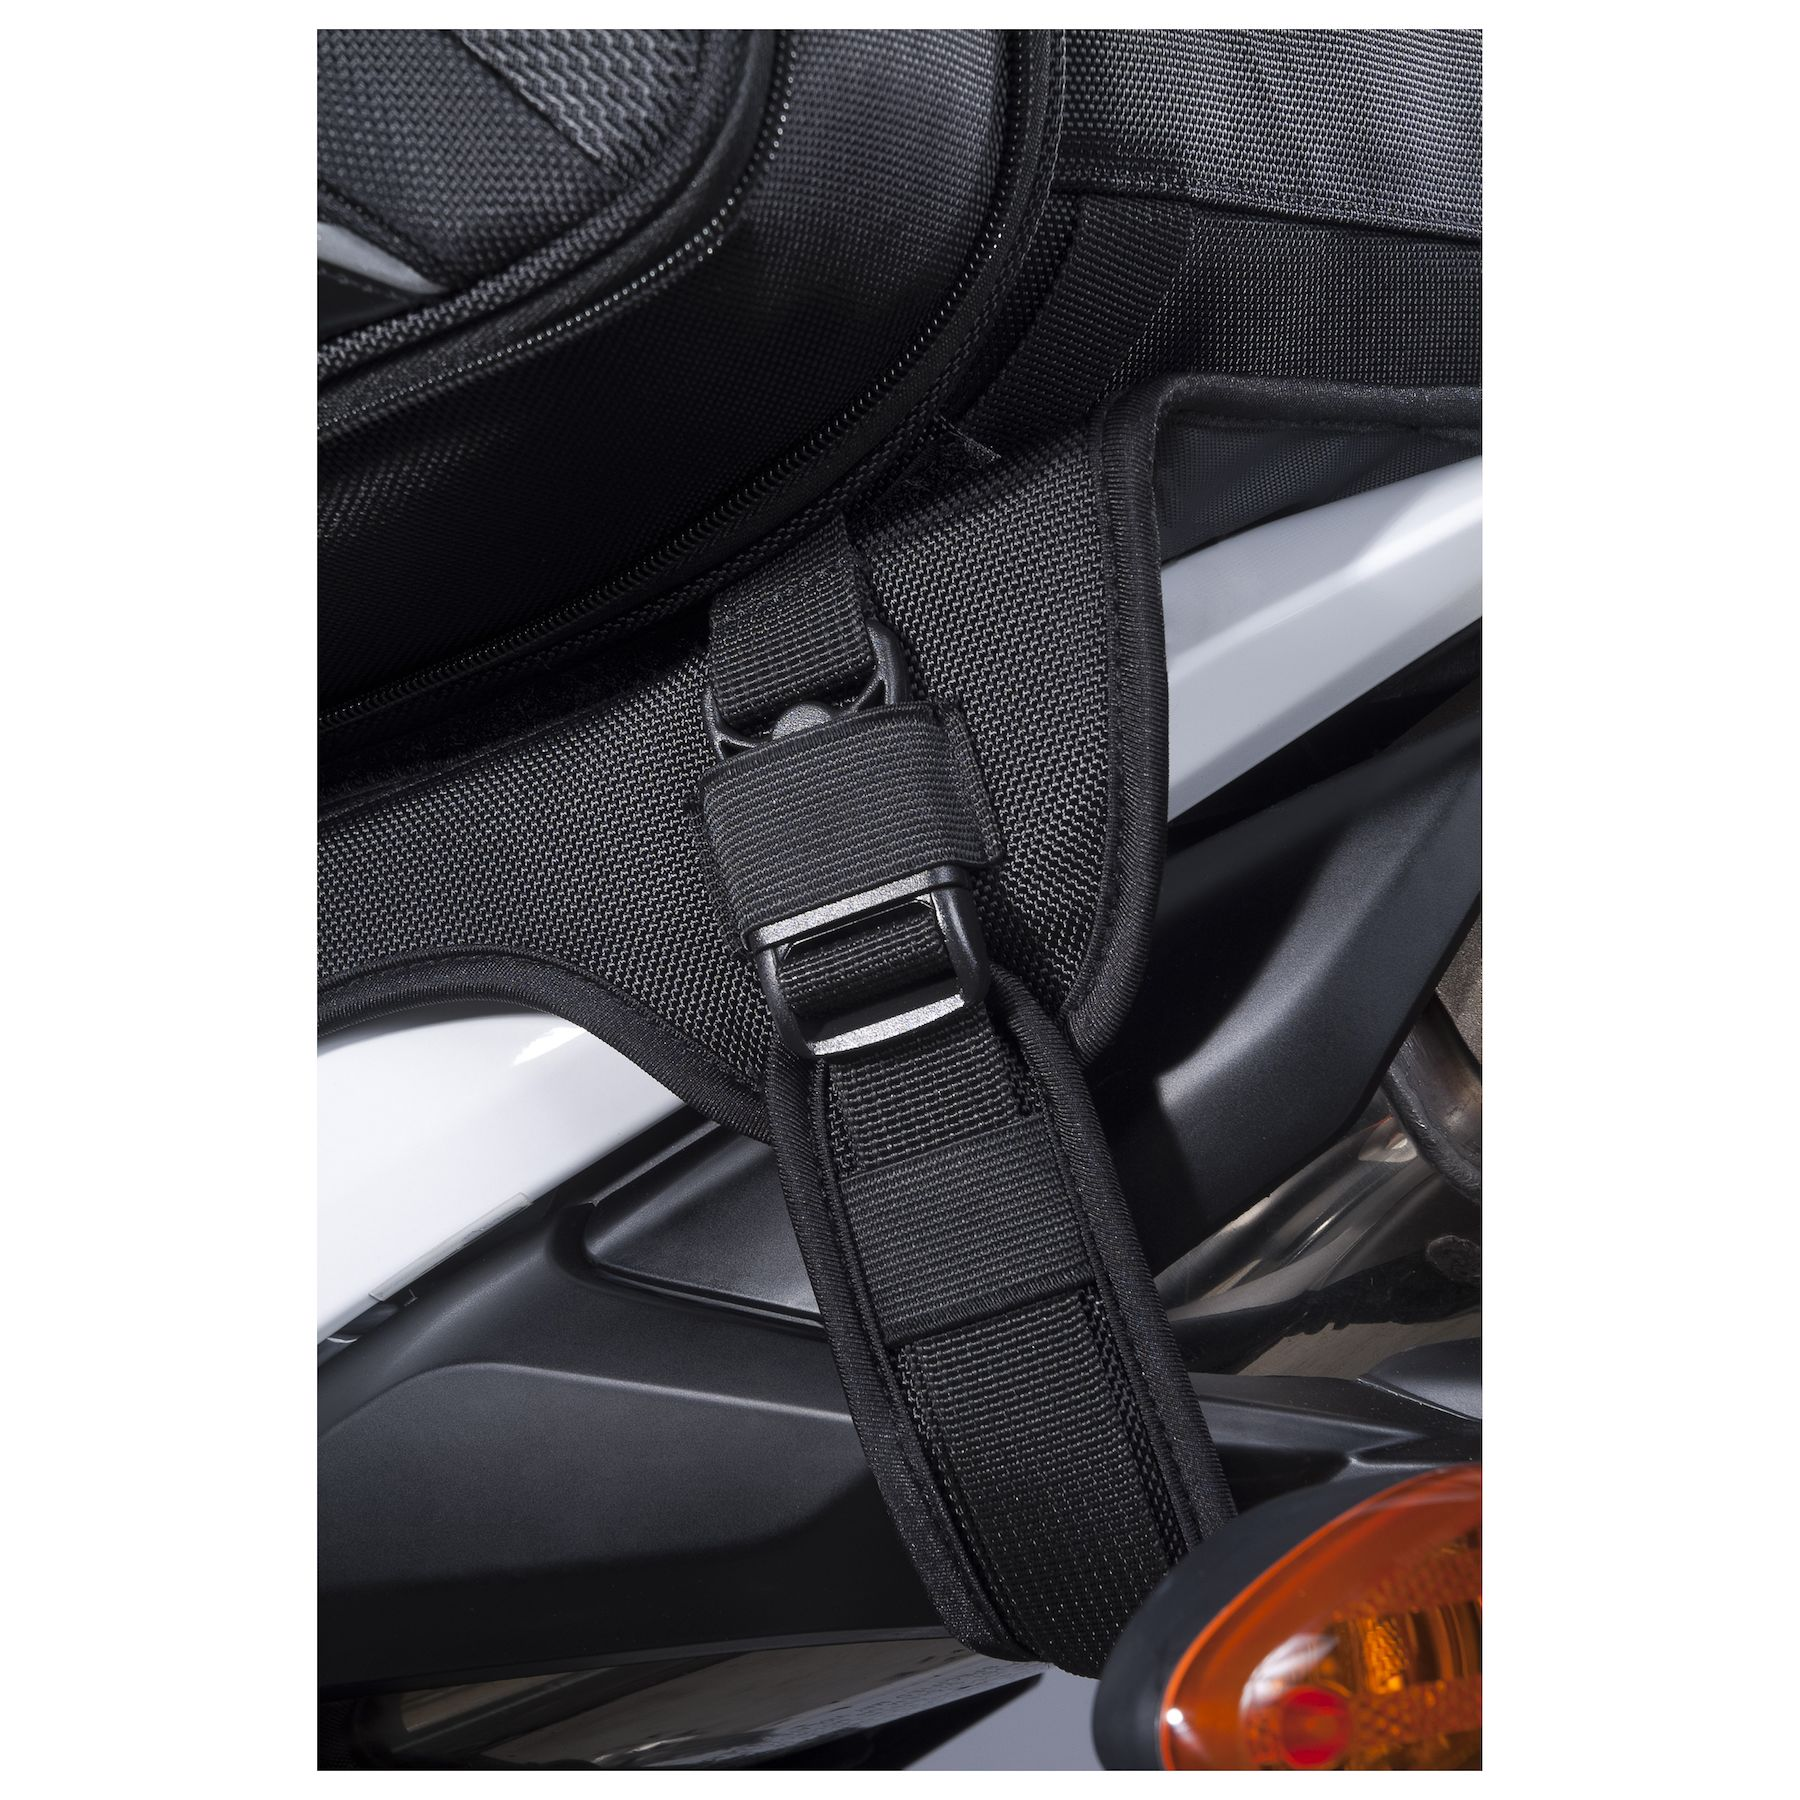 Cortech Super 2.0 14L Tail Bag Replacement Parts Rain Cover